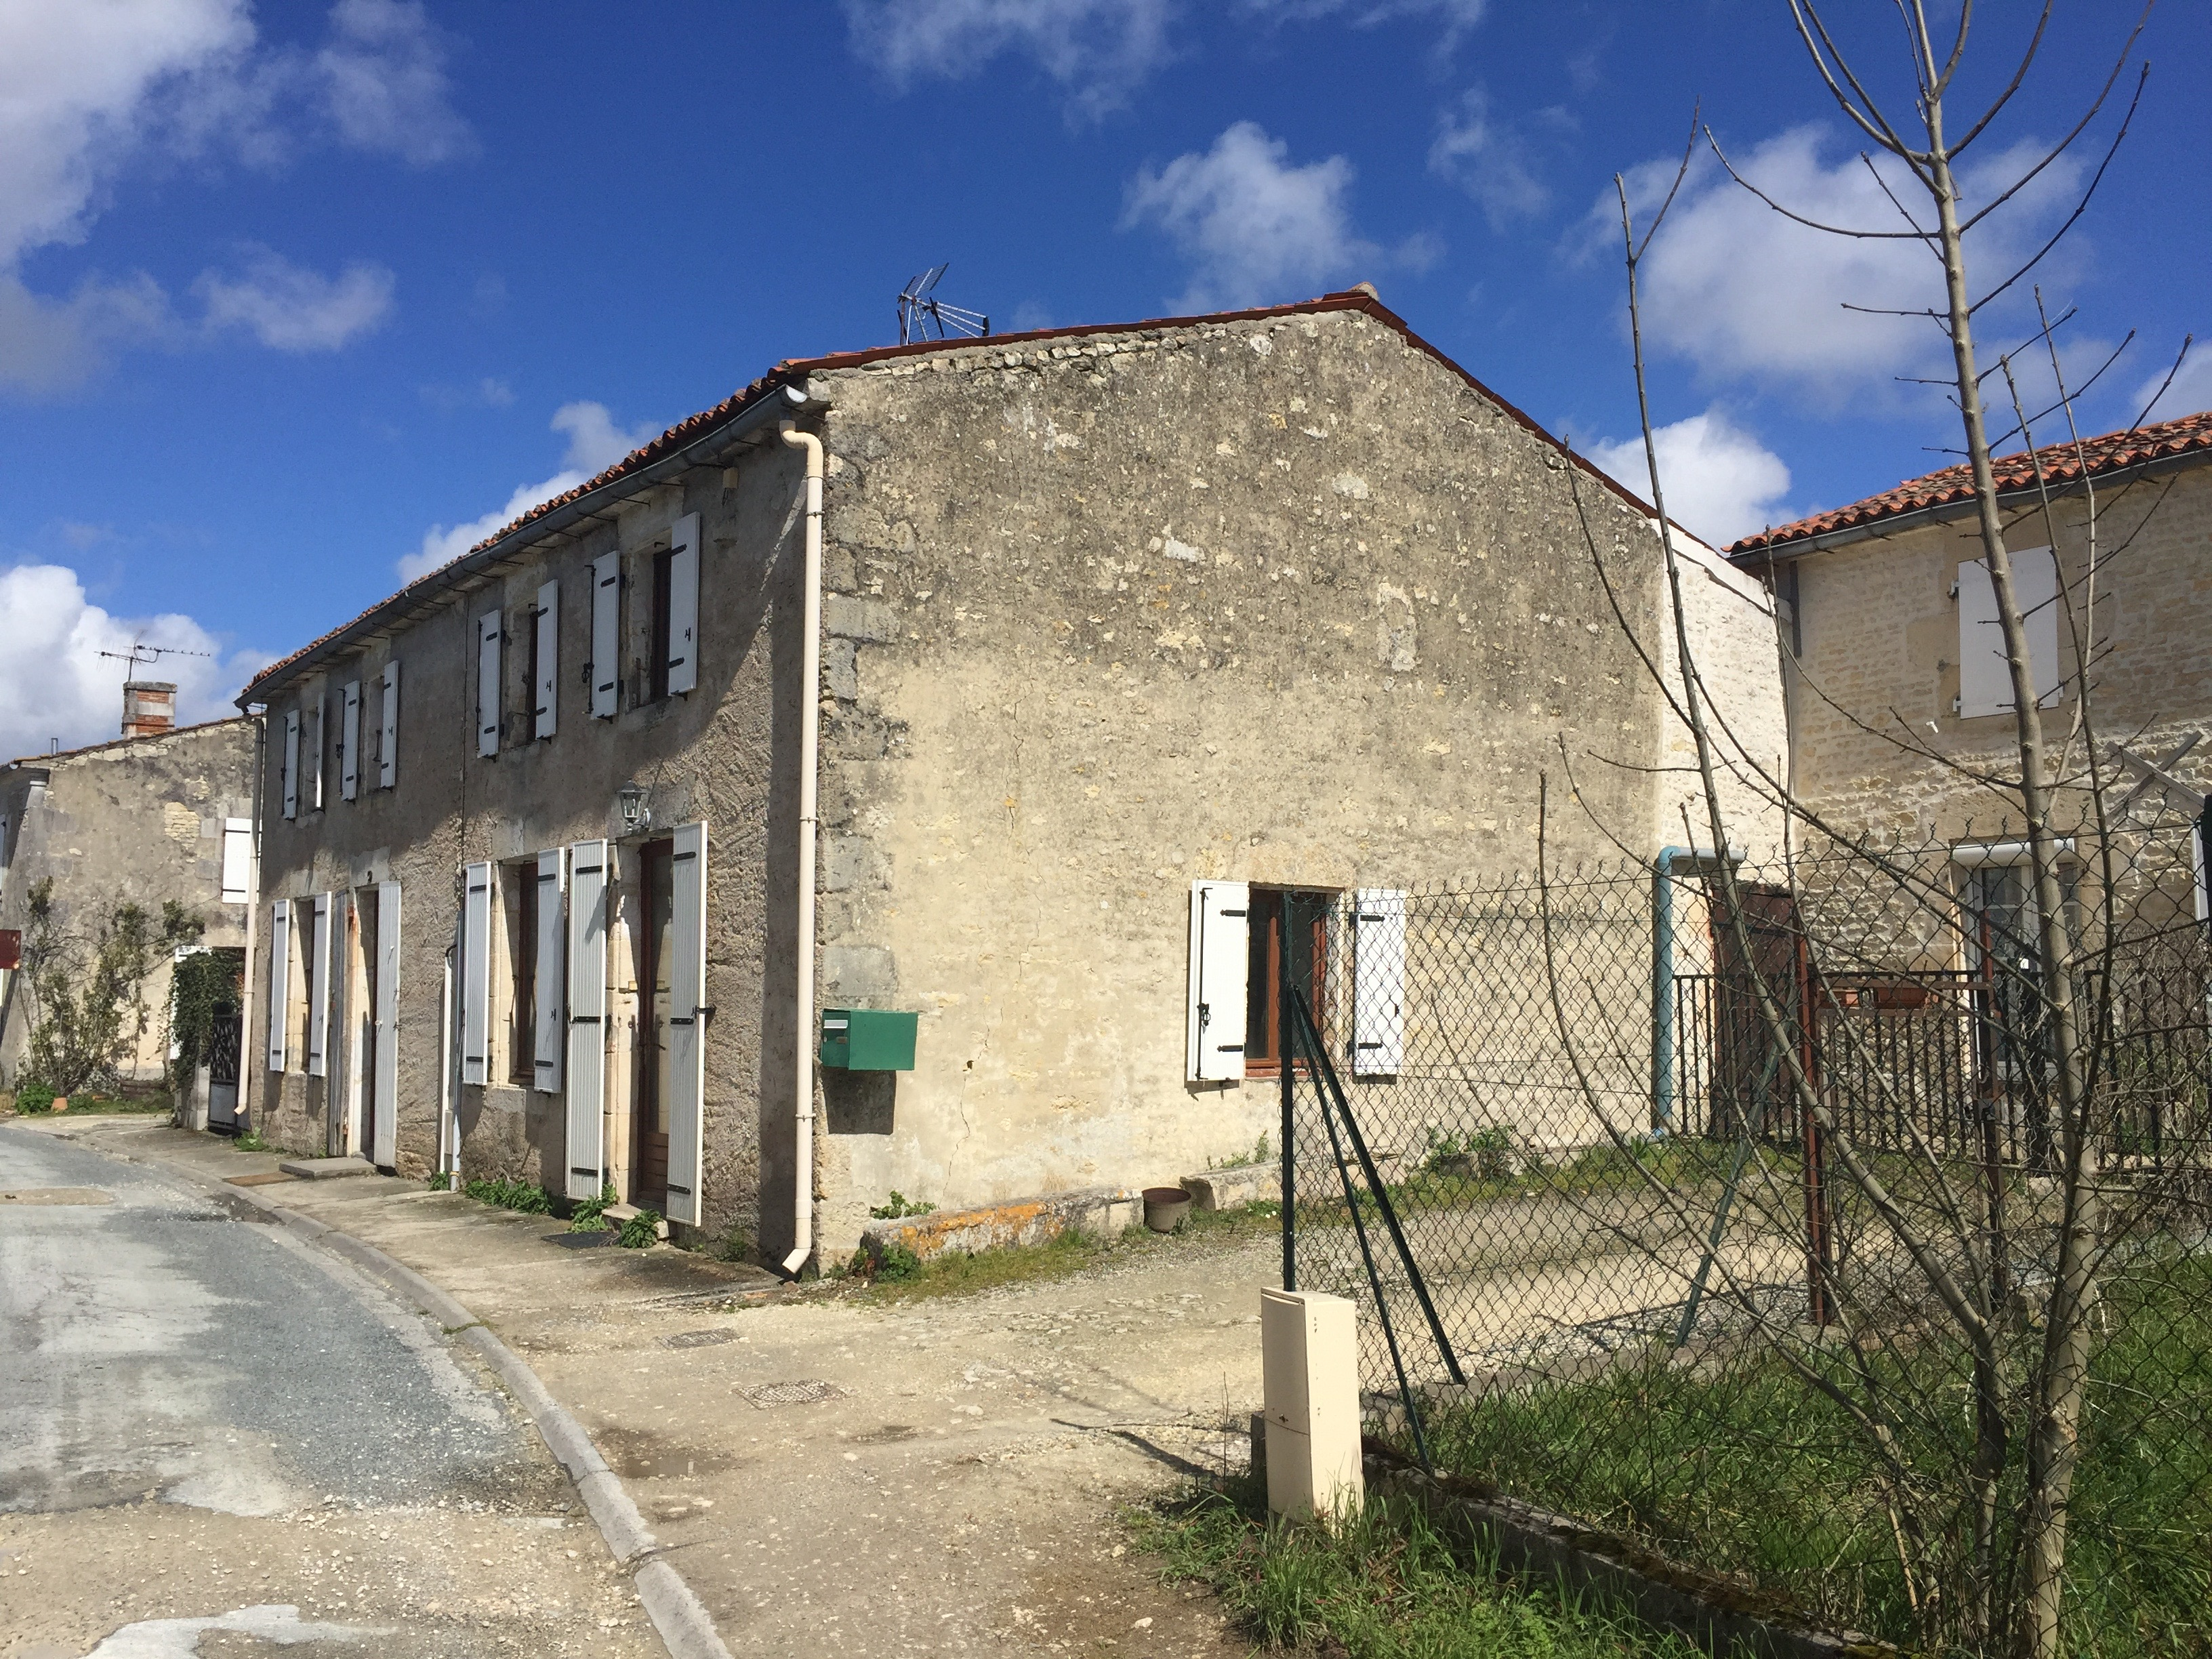 Maison à vendre, proche de LA ROCHELLE.